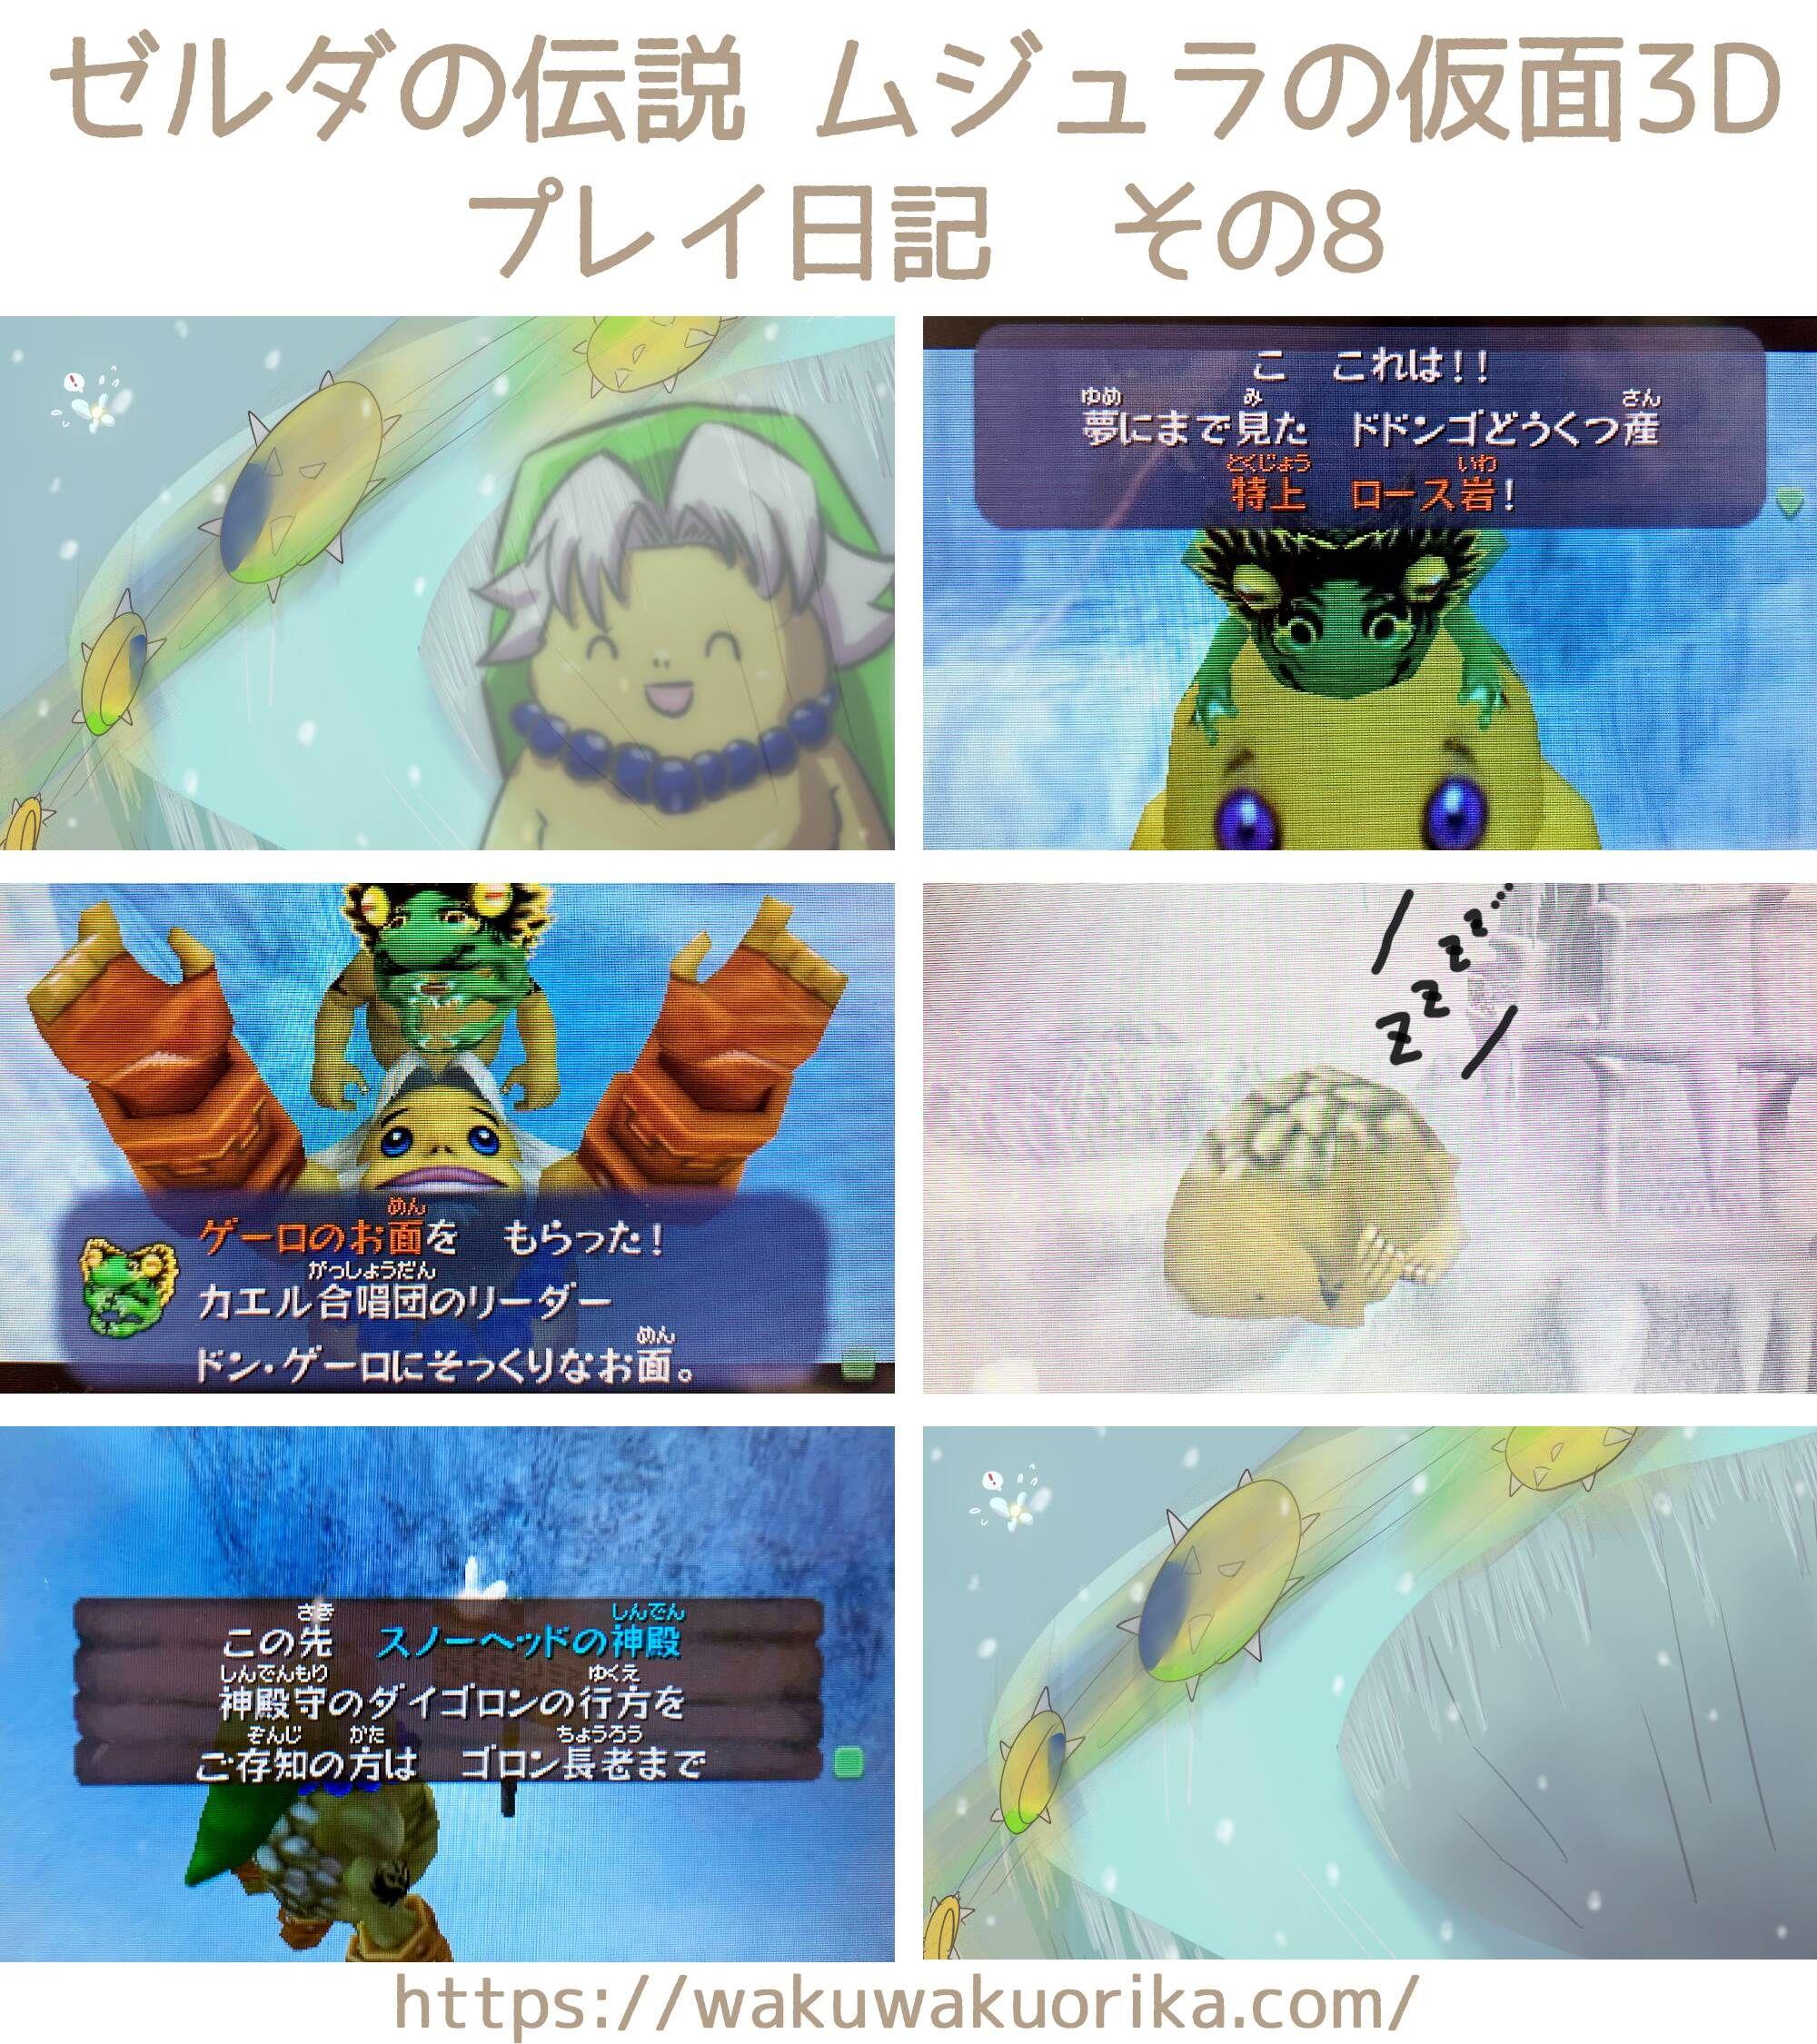 ムジュラの仮面実況日記8 スノーヘッドの神殿編 ムジュラの仮面 ゼルダの伝説ムジュラの仮面 ムジュラ